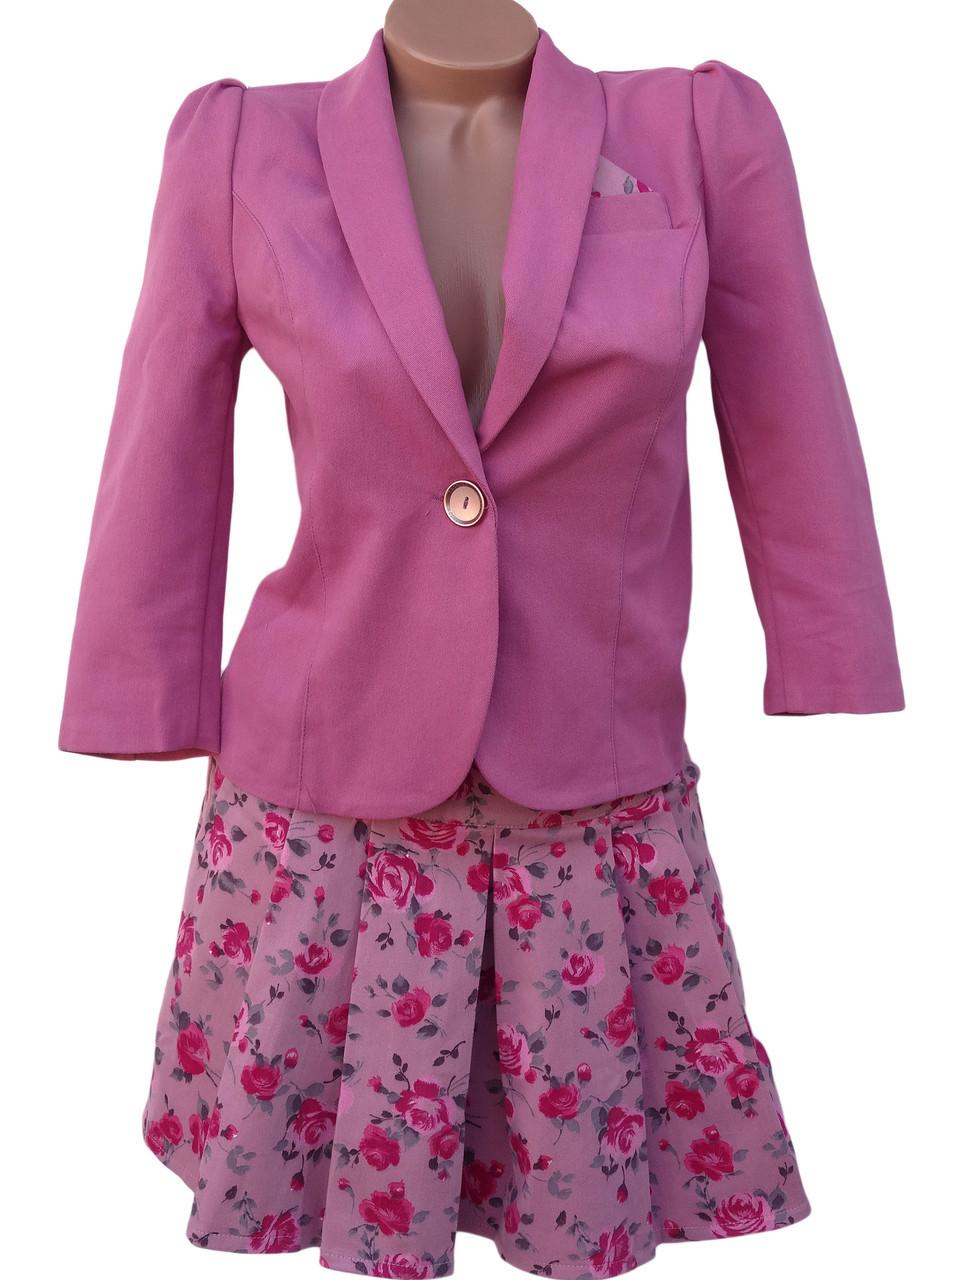 Женский костюм: пиджак и юбка (разные расцветки 44-50)